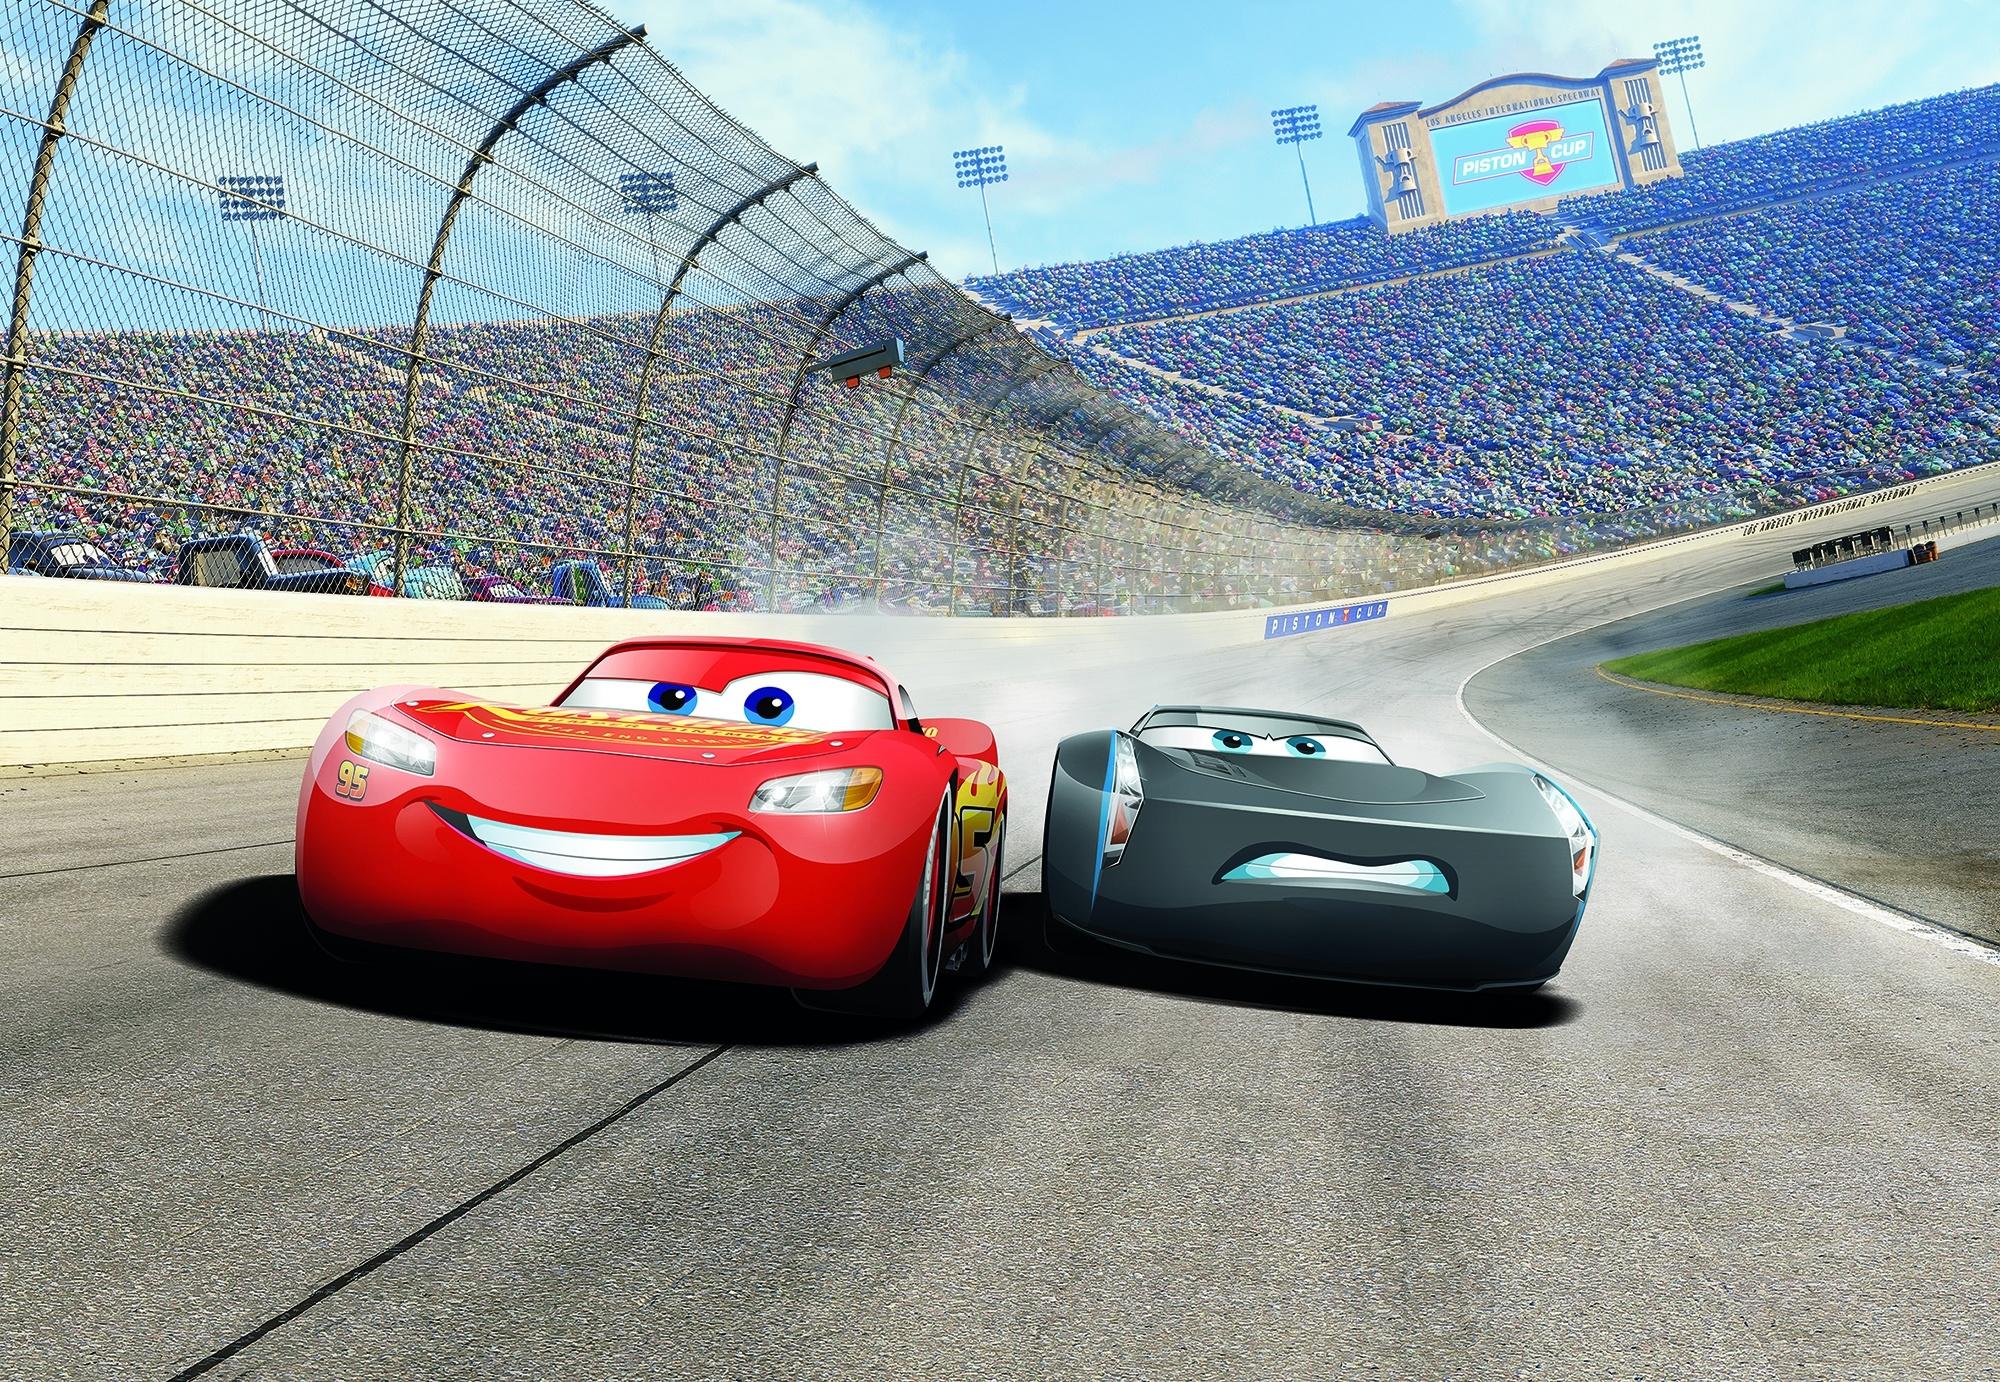 Disney Edition 4 Kinderbehang Komar - Kinderkamer behang CARS3 CURVE